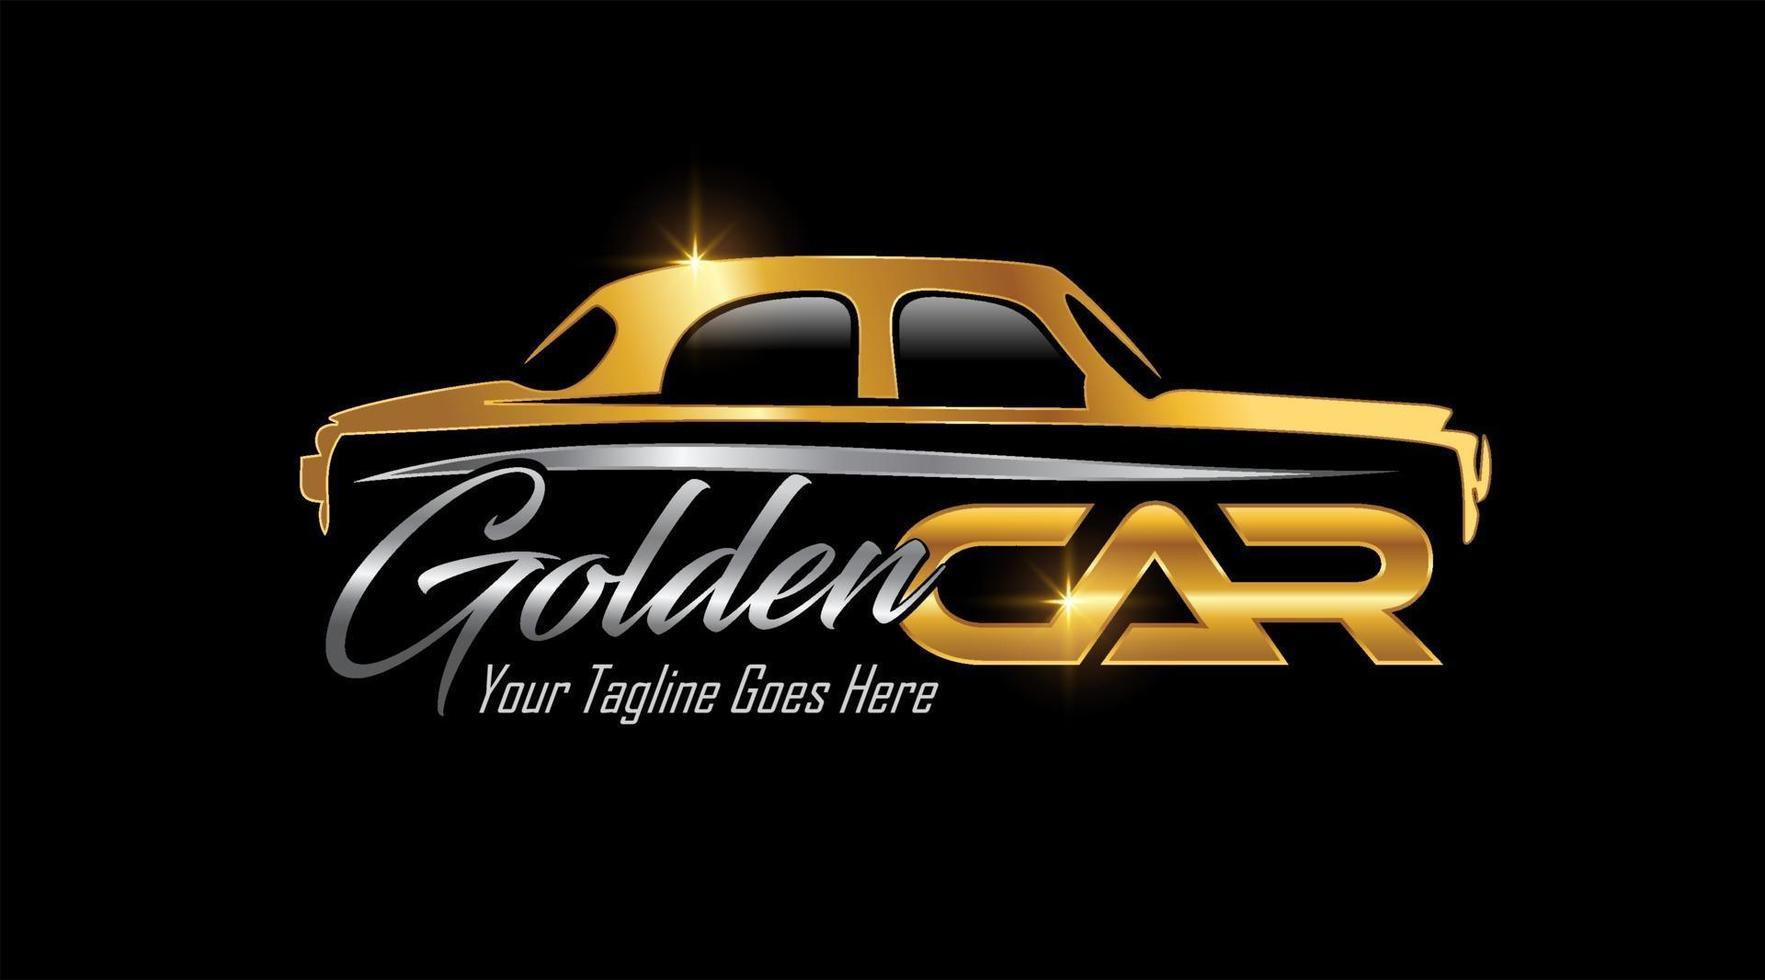 logotipo dourado de veículo clássico vetor